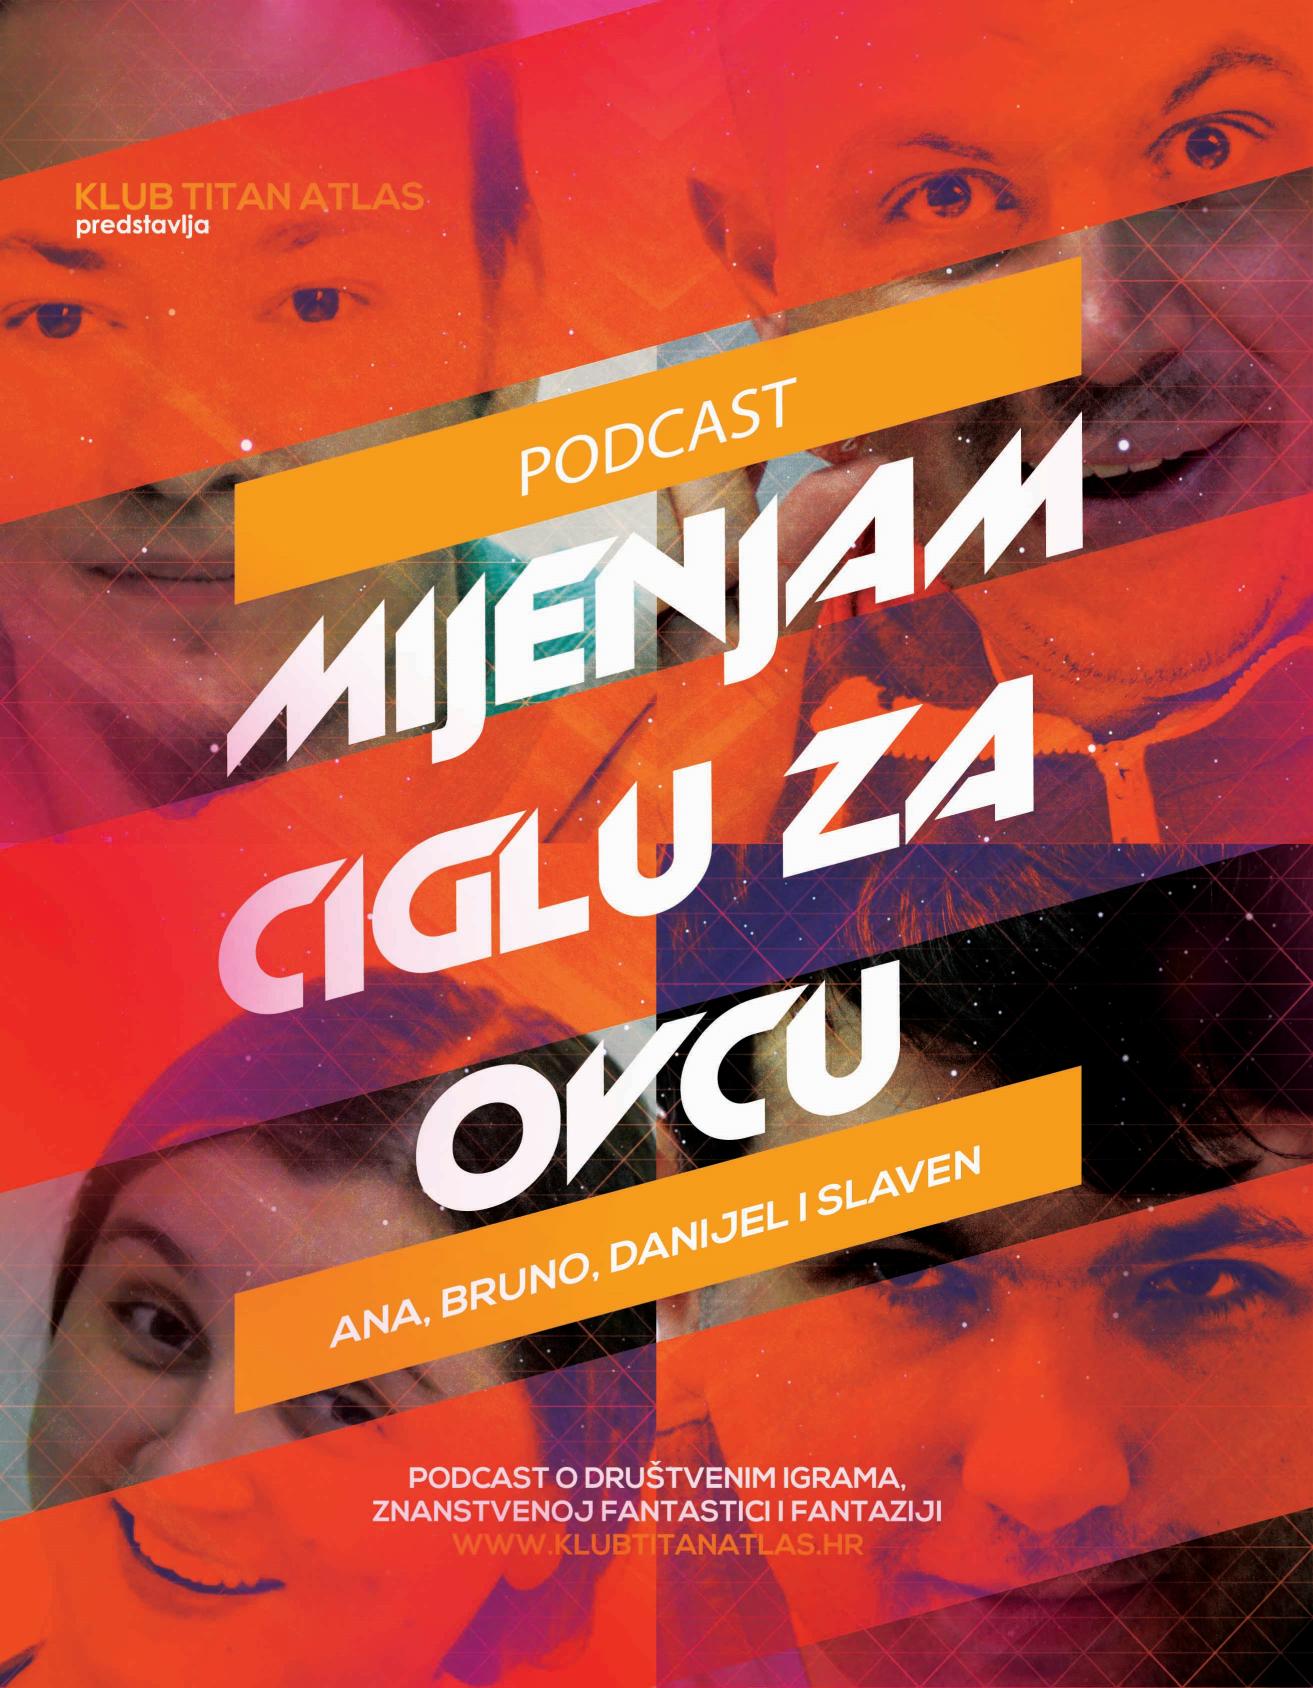 Podcast – Mijenjam ciglu za ovcu – Epizoda 6